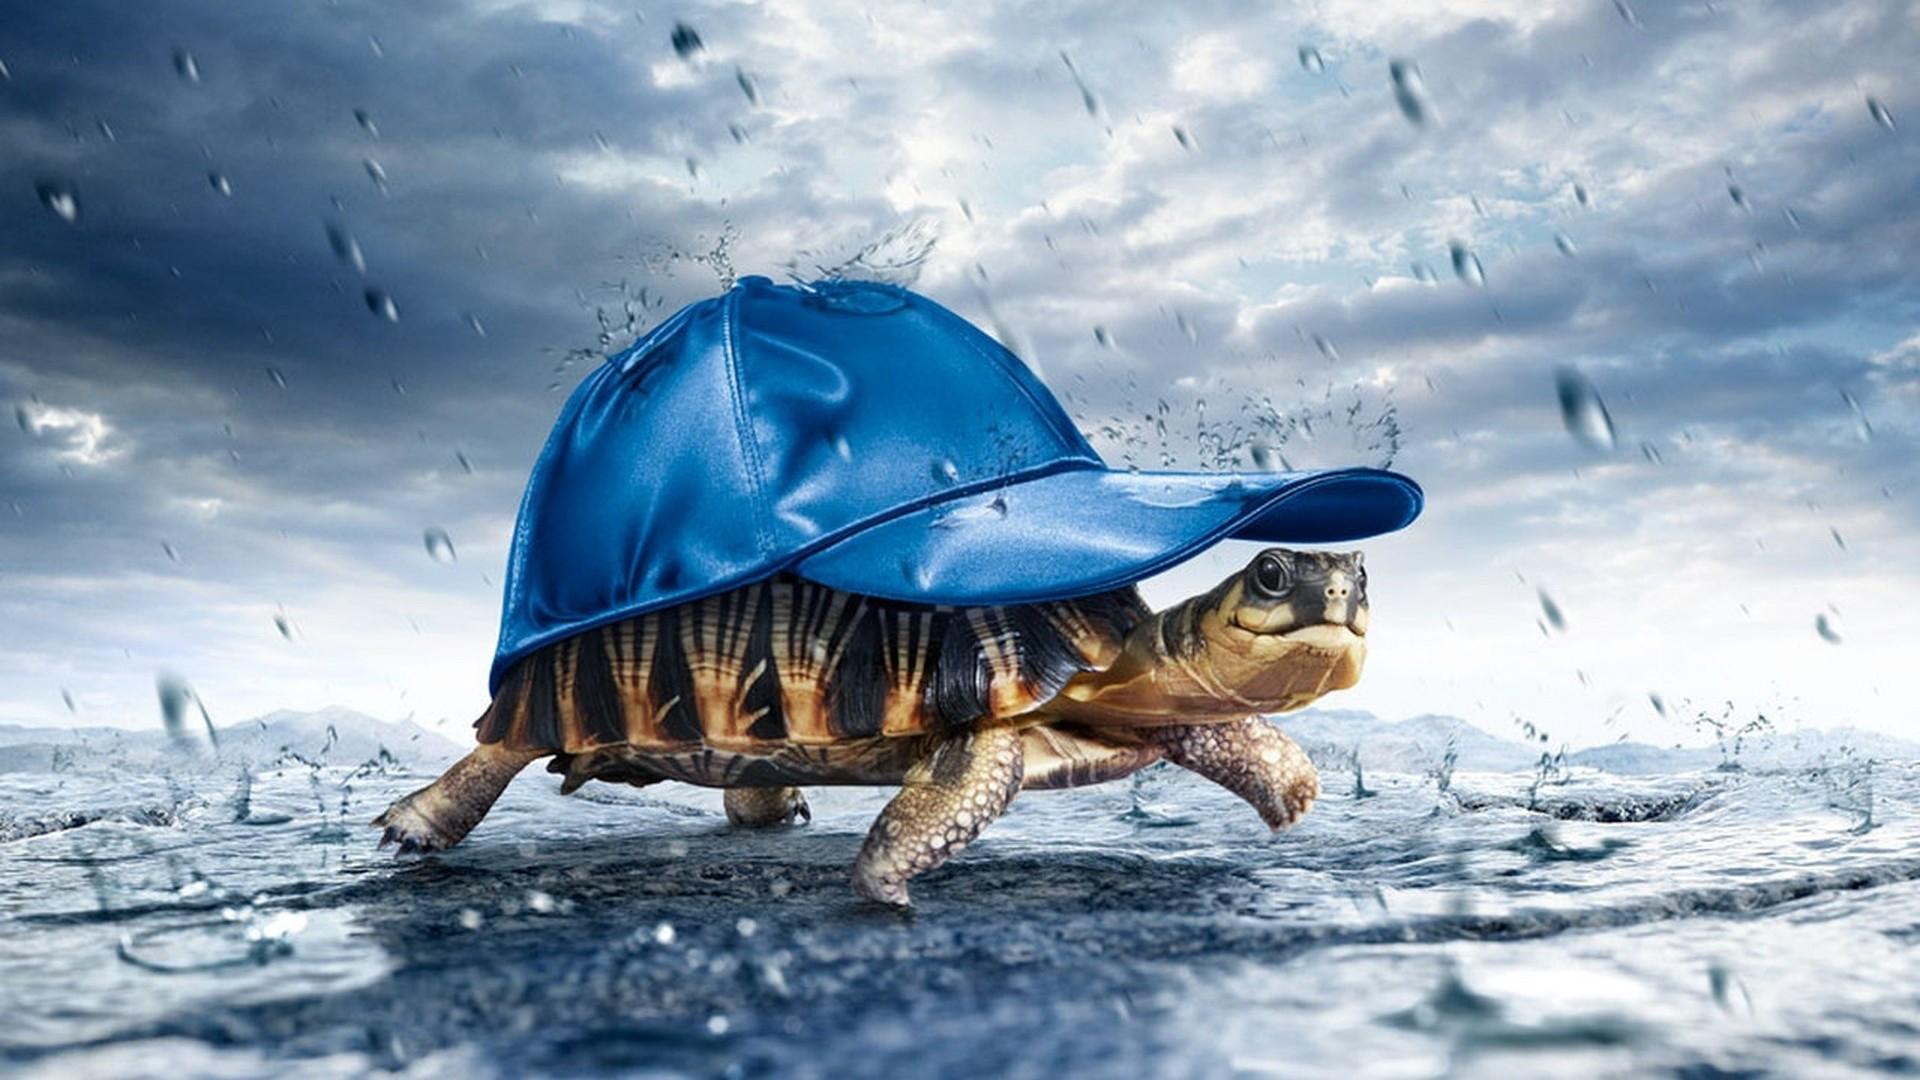 Hình nền hoạt hình – Rùa đội mưa đi chơi